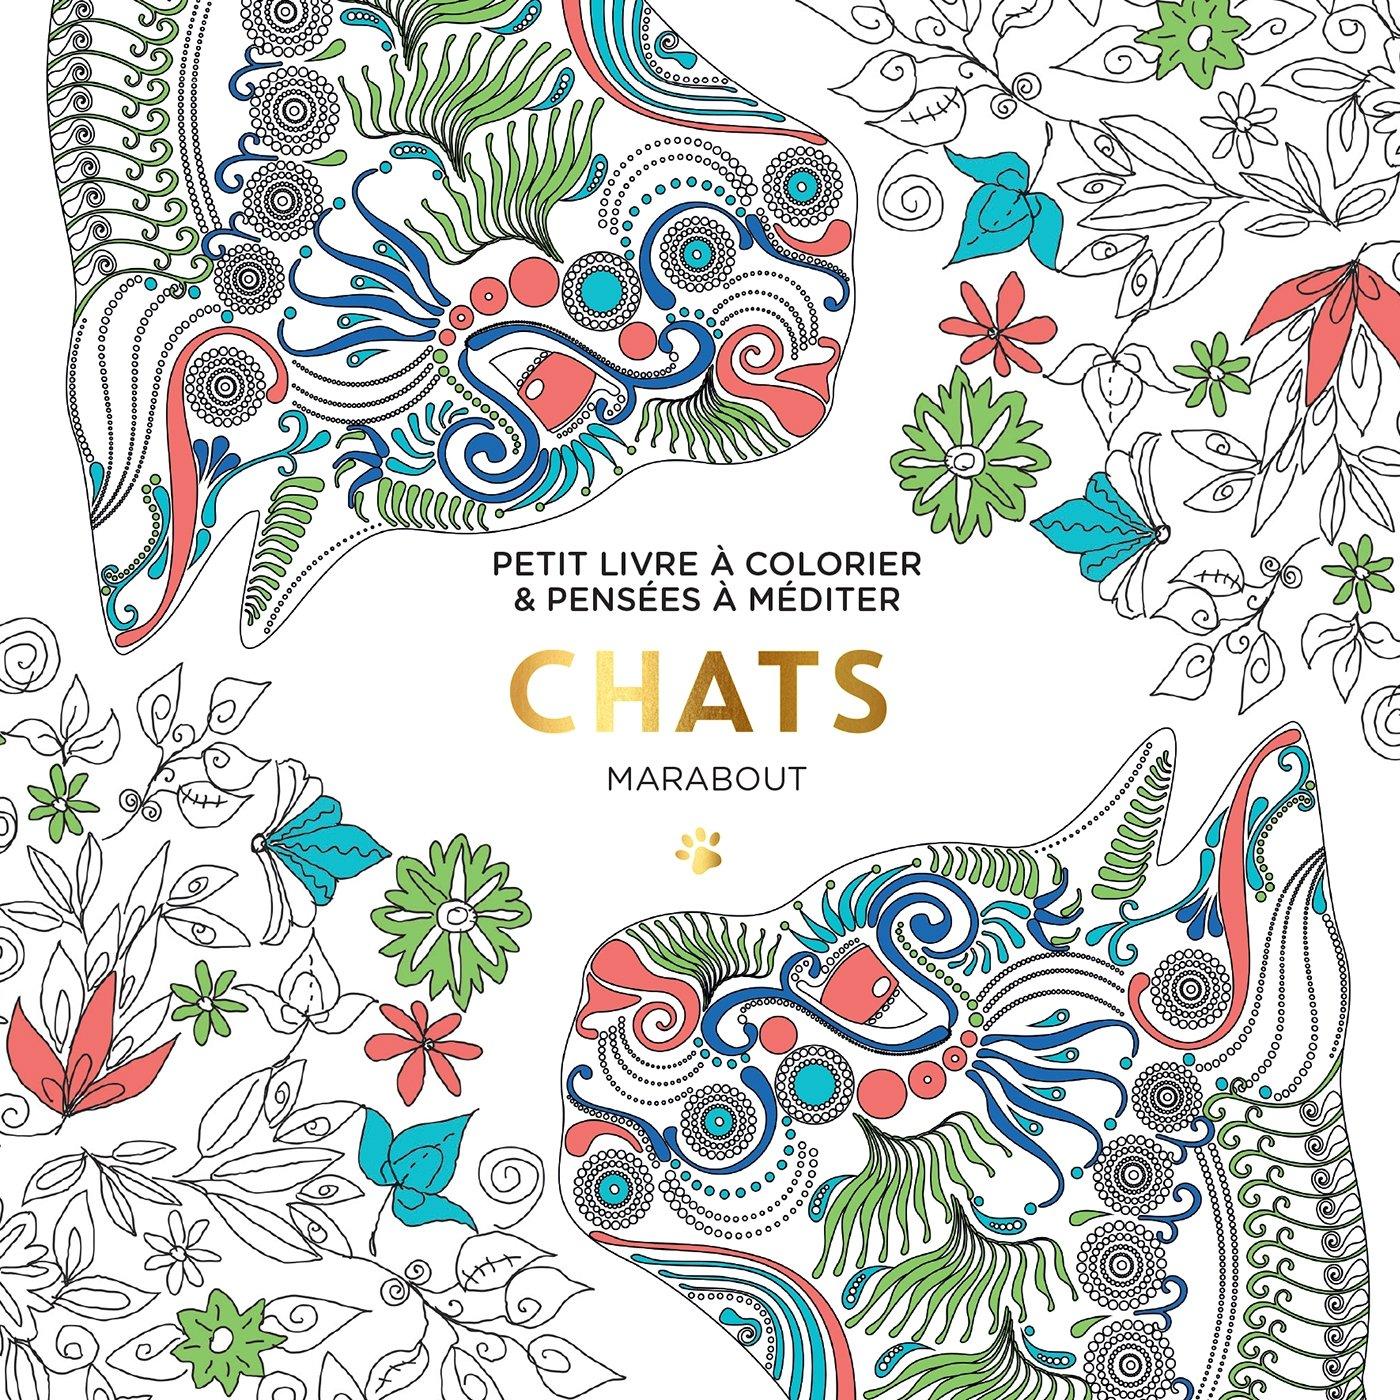 Petit livre  colorier Chats